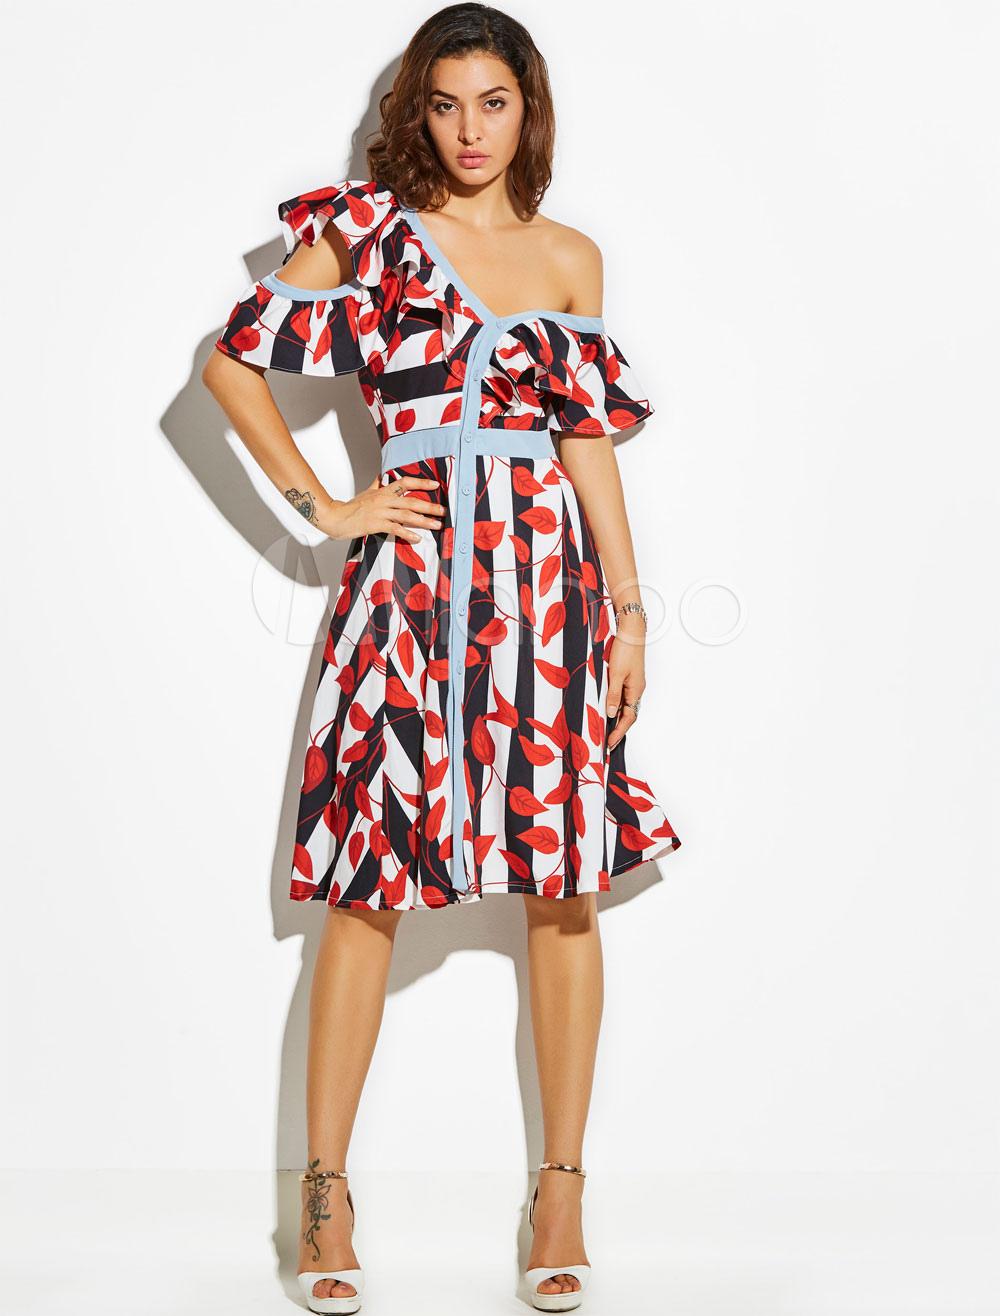 Buy Skater Dress Red V Neck Short Sleeve Ruffles Striped Leaf Print Ruffles Layered Swing Dress For Women for $35.99 in Milanoo store